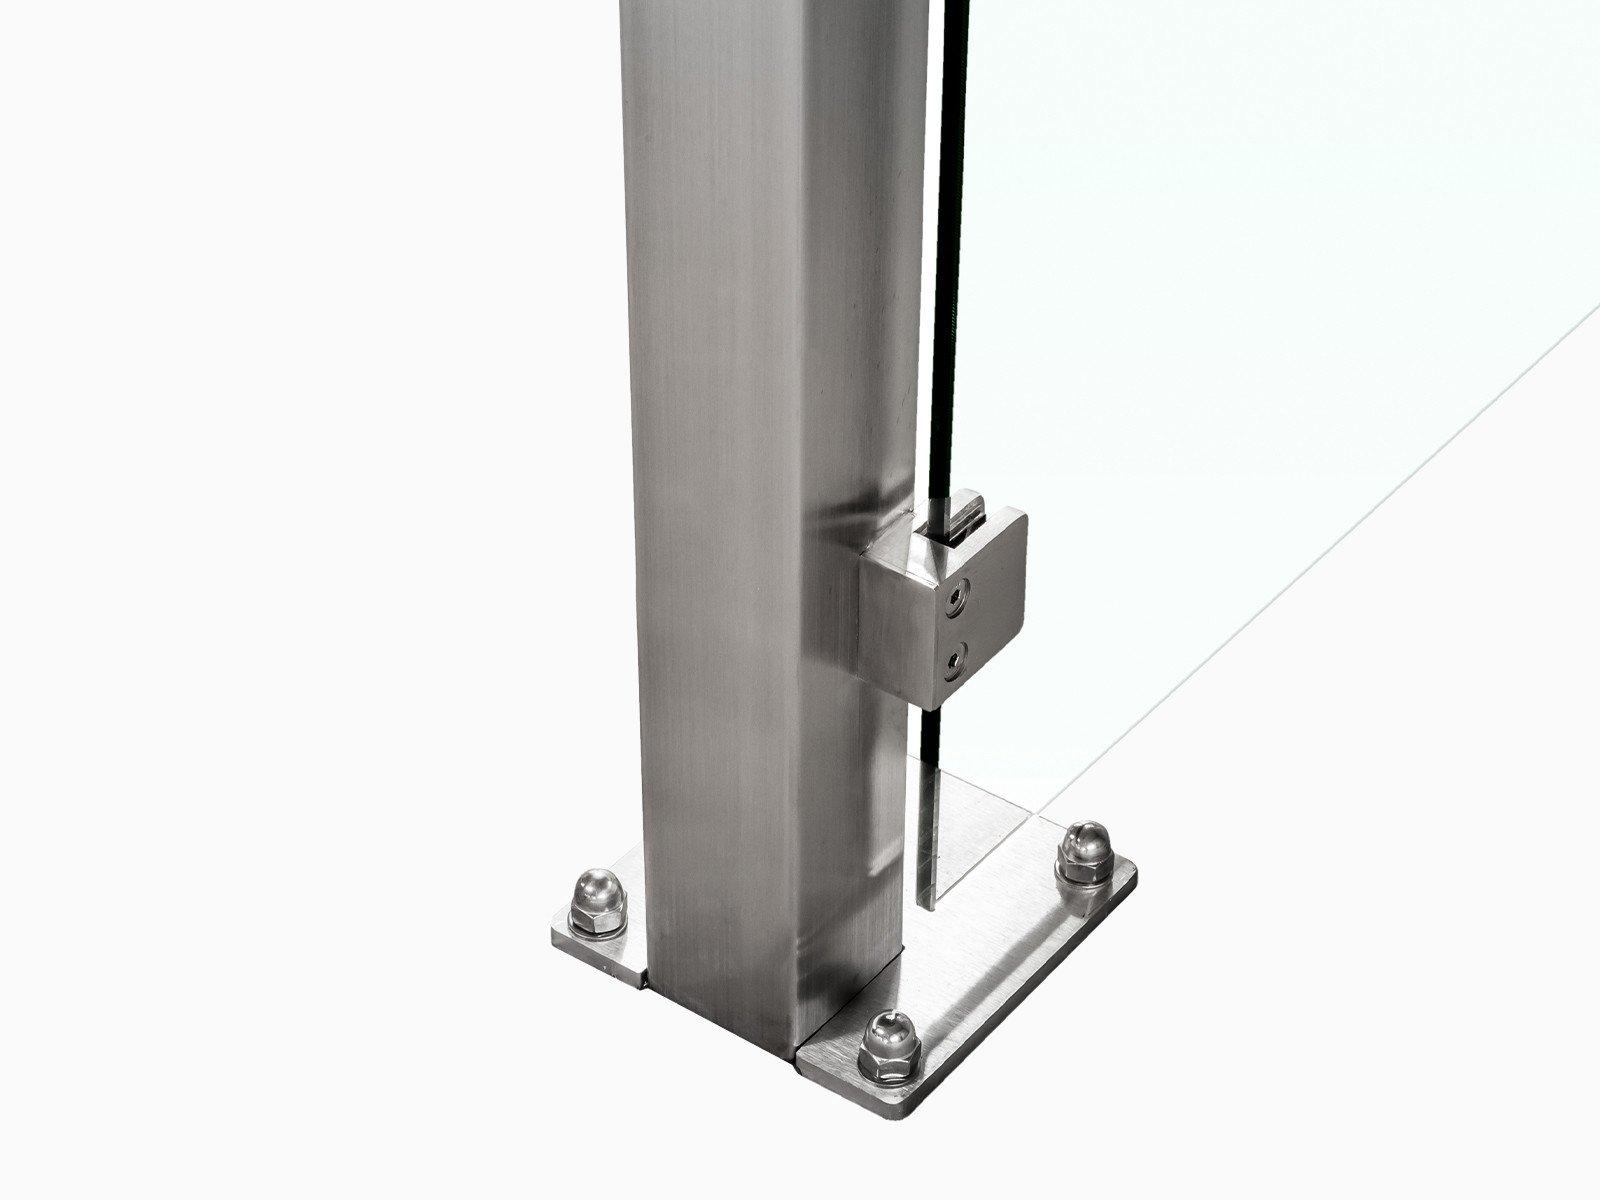 Bodenbefestigung Pfostensystem Devitro verschraubt oder einbetoniert mit eckigen Glashaltern